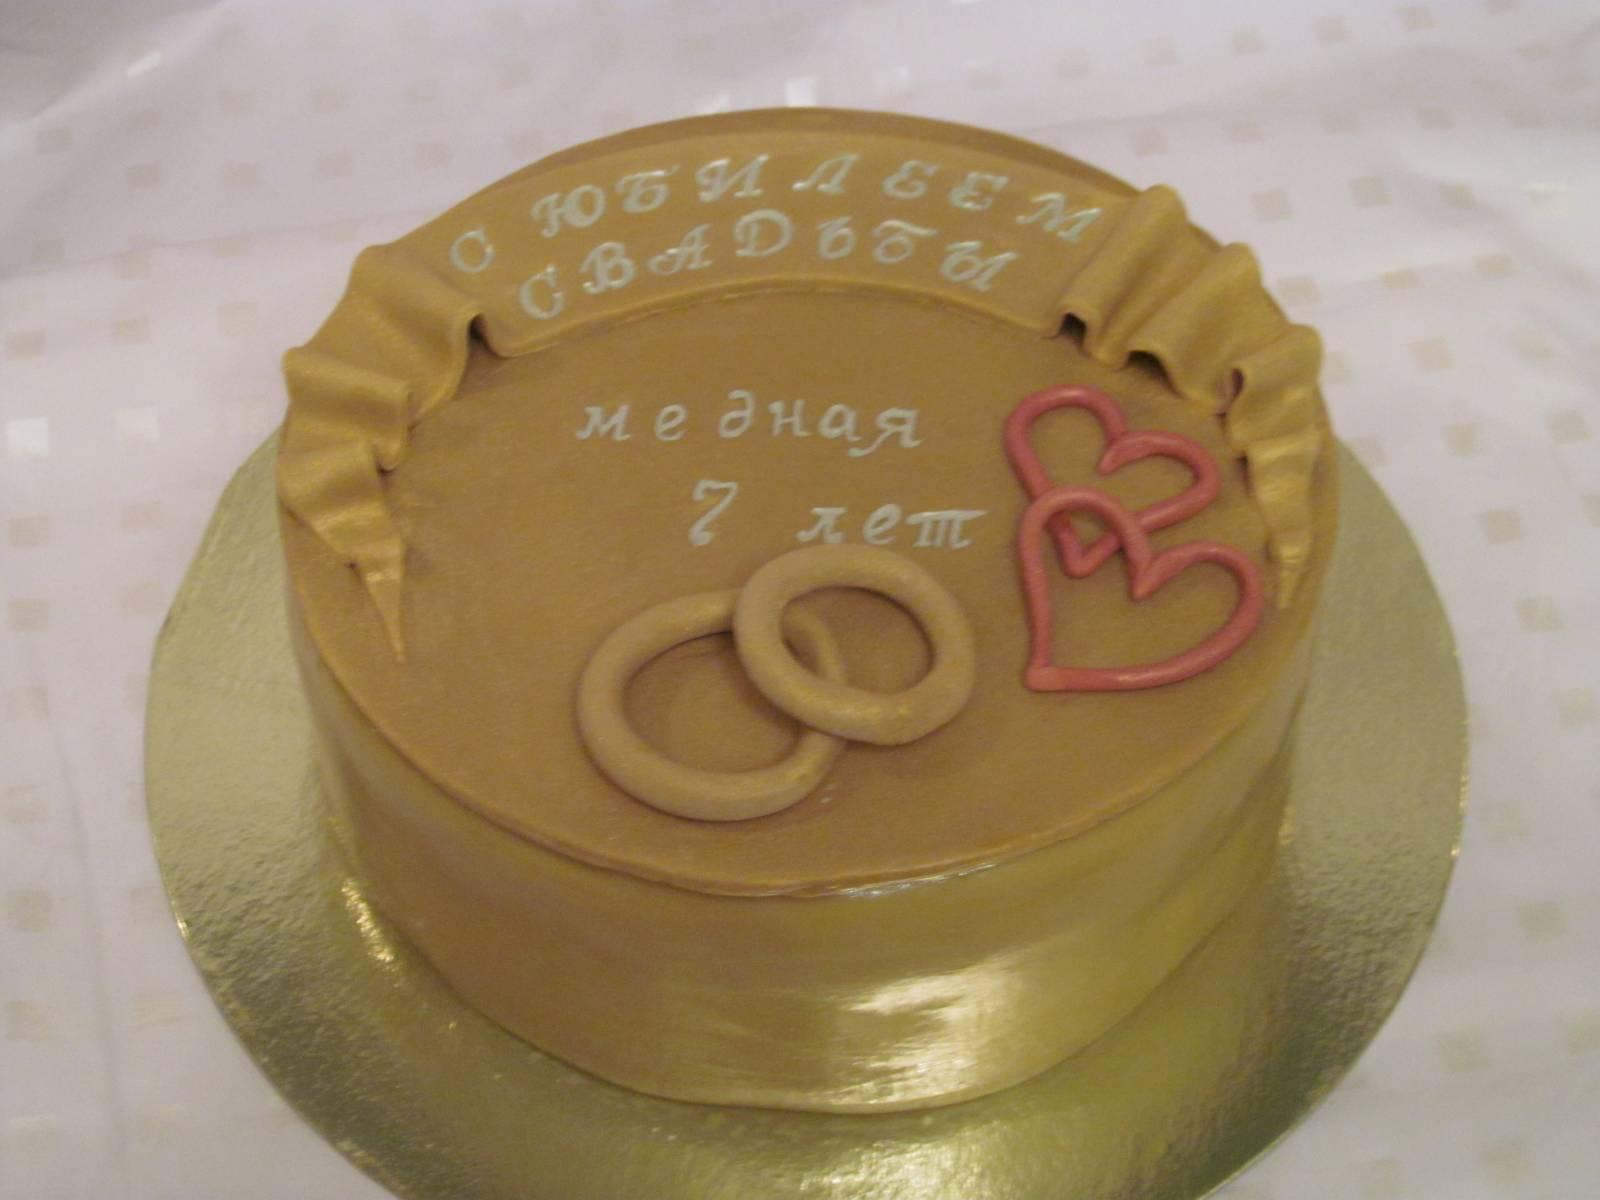 Поздравления на 50 годовщину свадьбы прикольные6